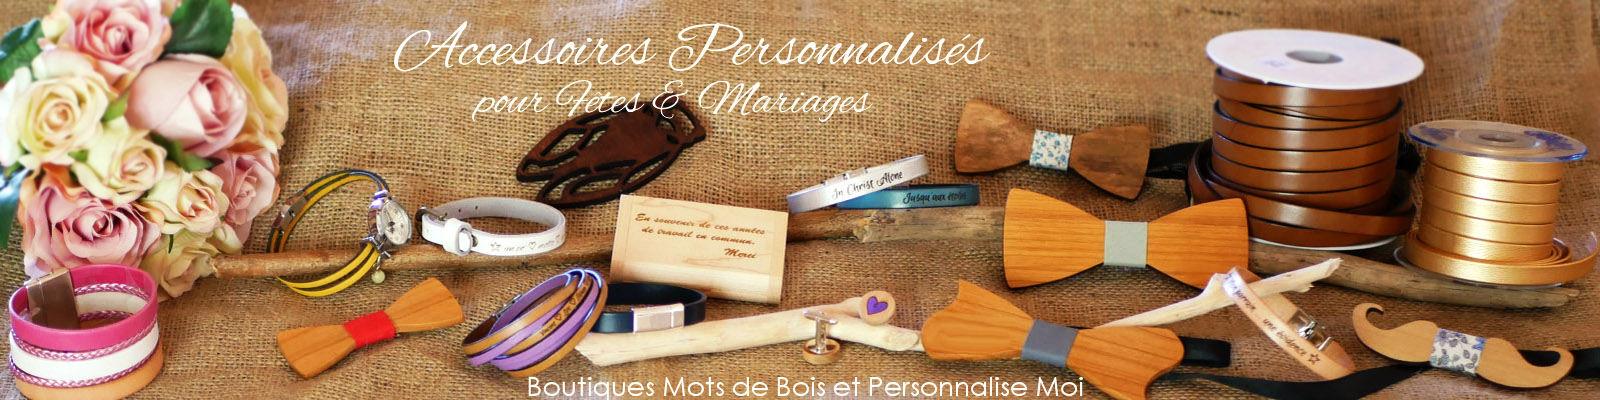 accessoires personnalisés fetes et mariages